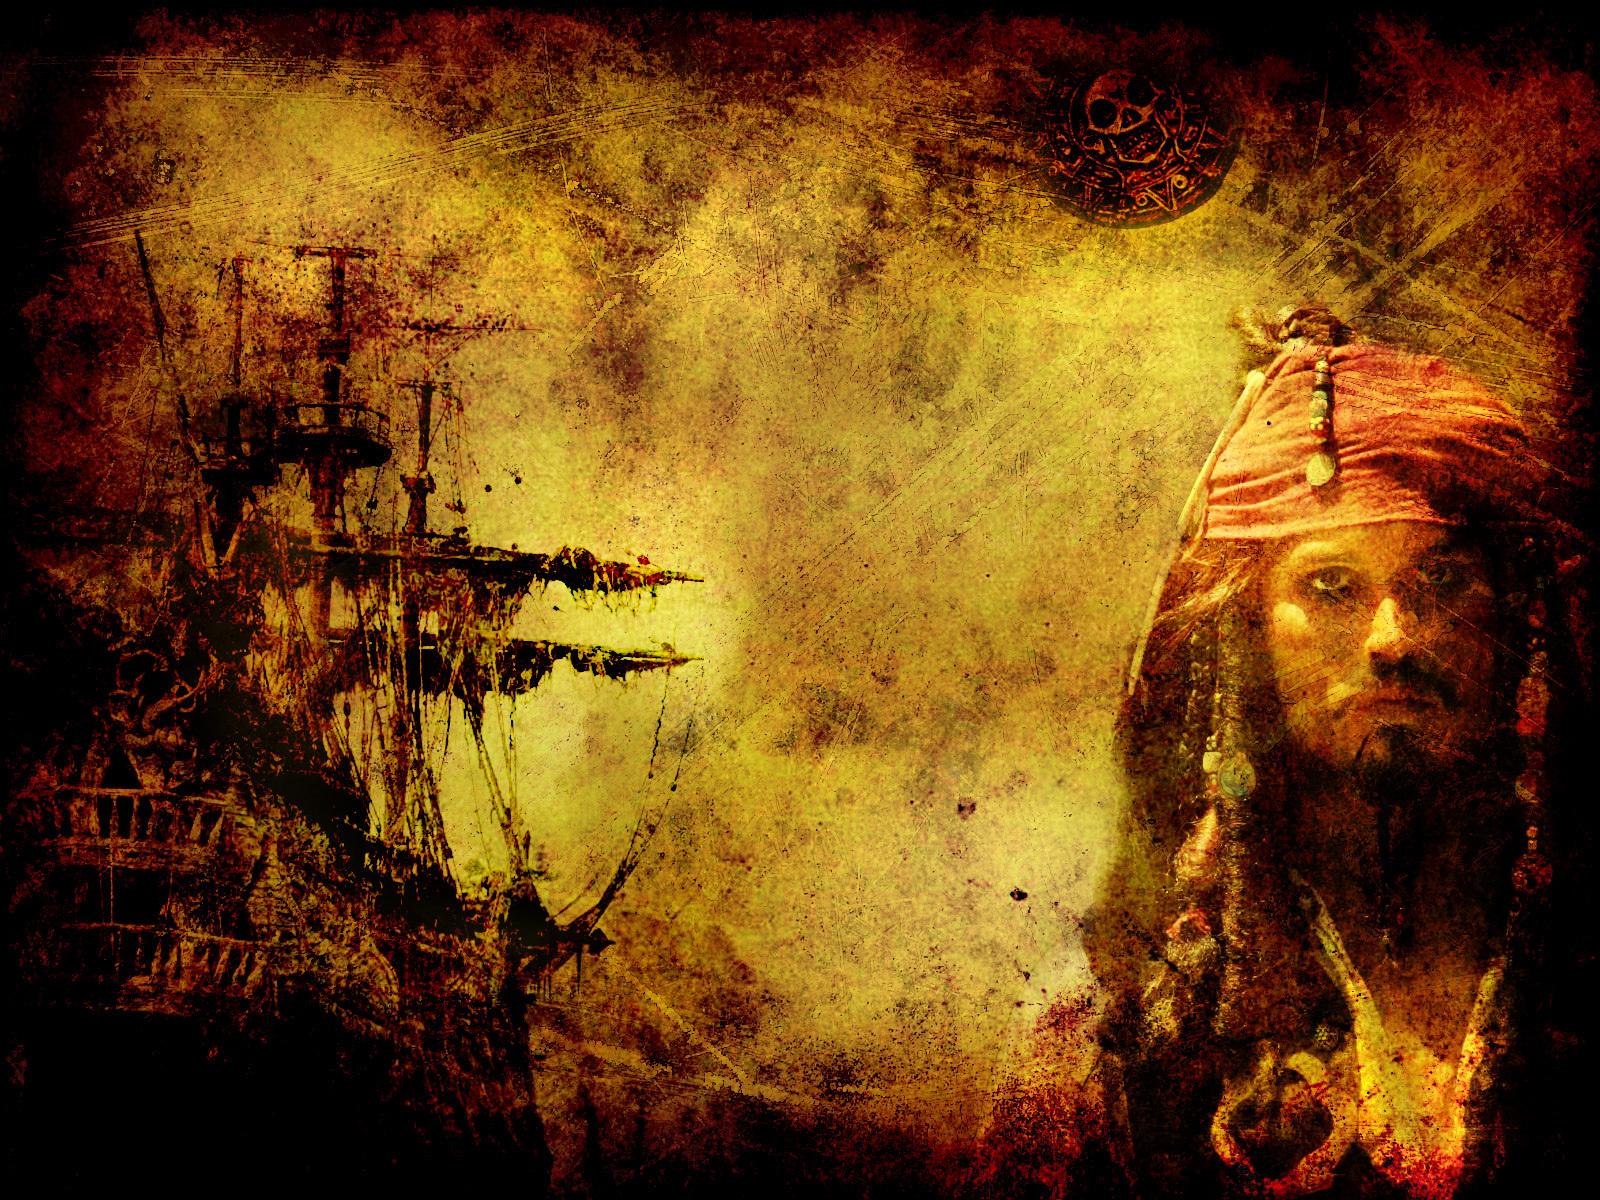 http://3.bp.blogspot.com/_e08tXXFmPM8/TShsVKQBwBI/AAAAAAAAAa0/wDIbWS7qj0I/s1600/Jack-Sparrow-pirates-of-the-caribbean-7793692-1600-1200.jpg